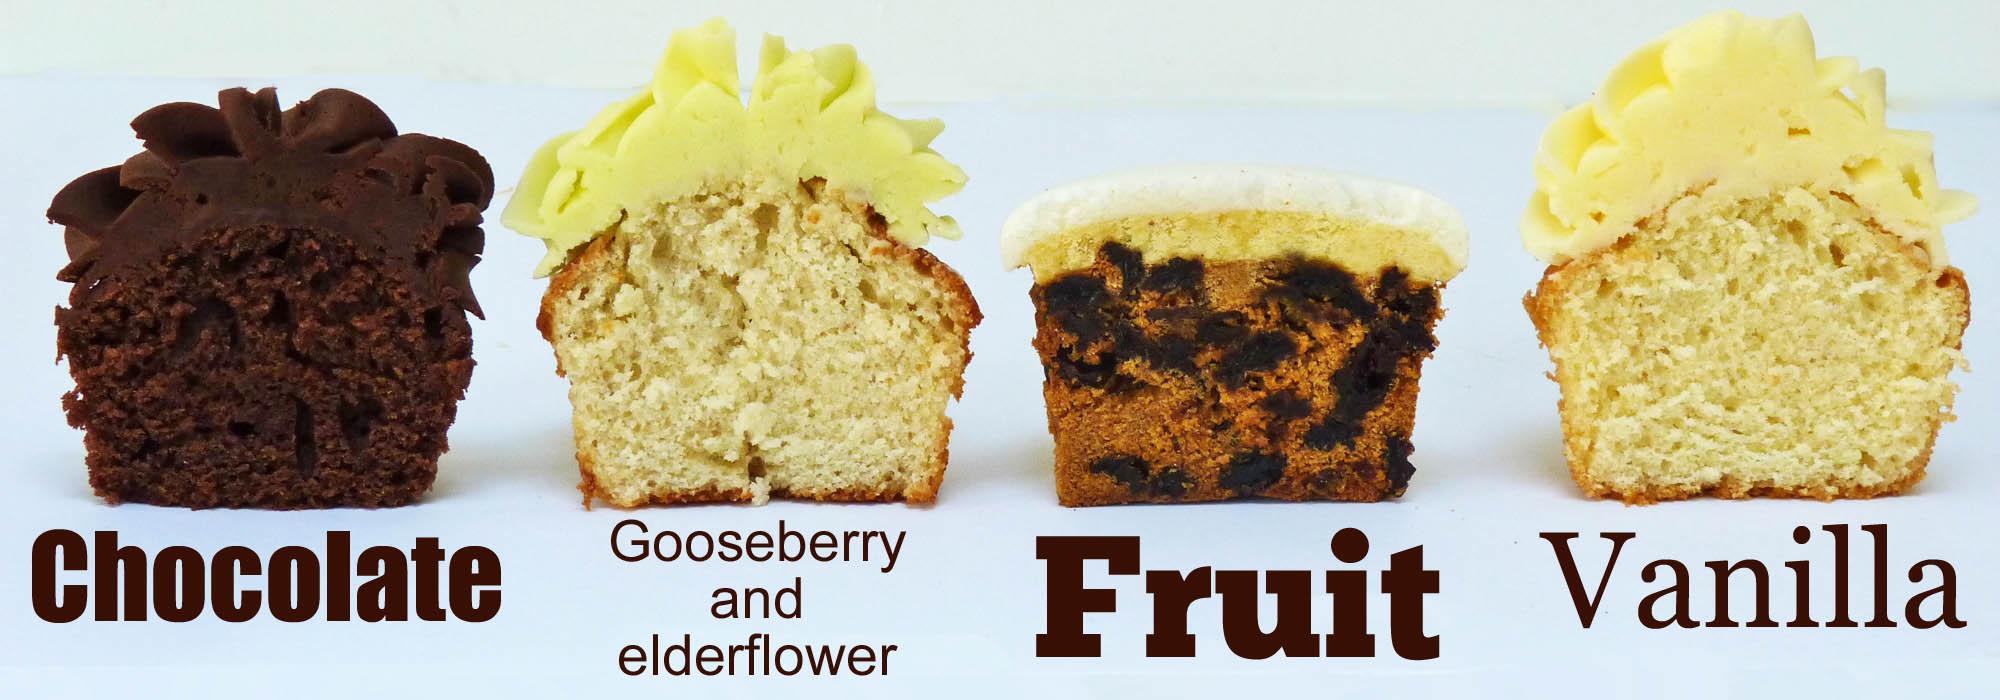 Nevie_pie_cakes_cupcake-flavours3